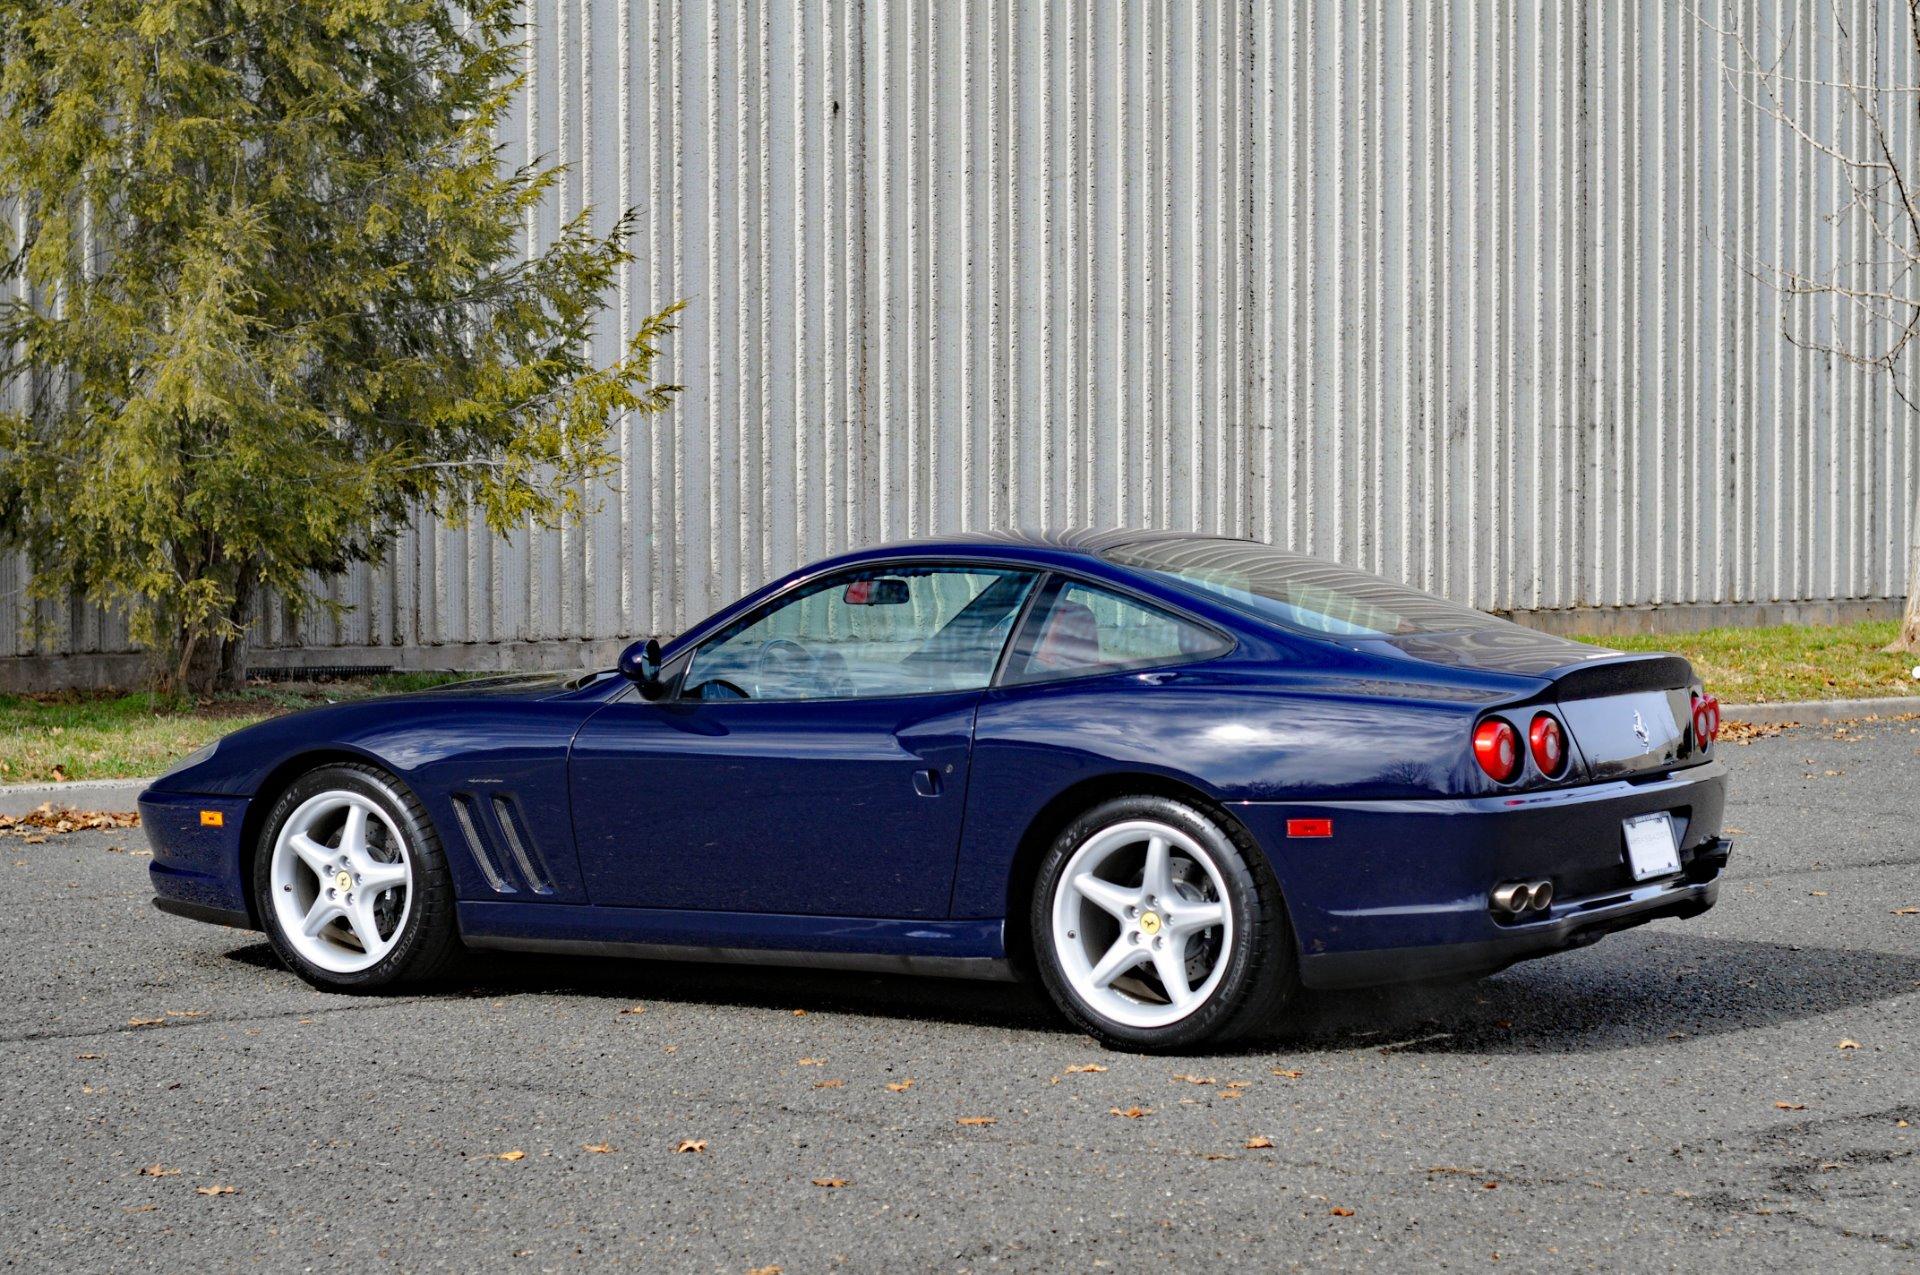 Used 1999 Ferrari 550 Maranello For Sale Special Pricing Ambassador Automobile Llc Stock 164